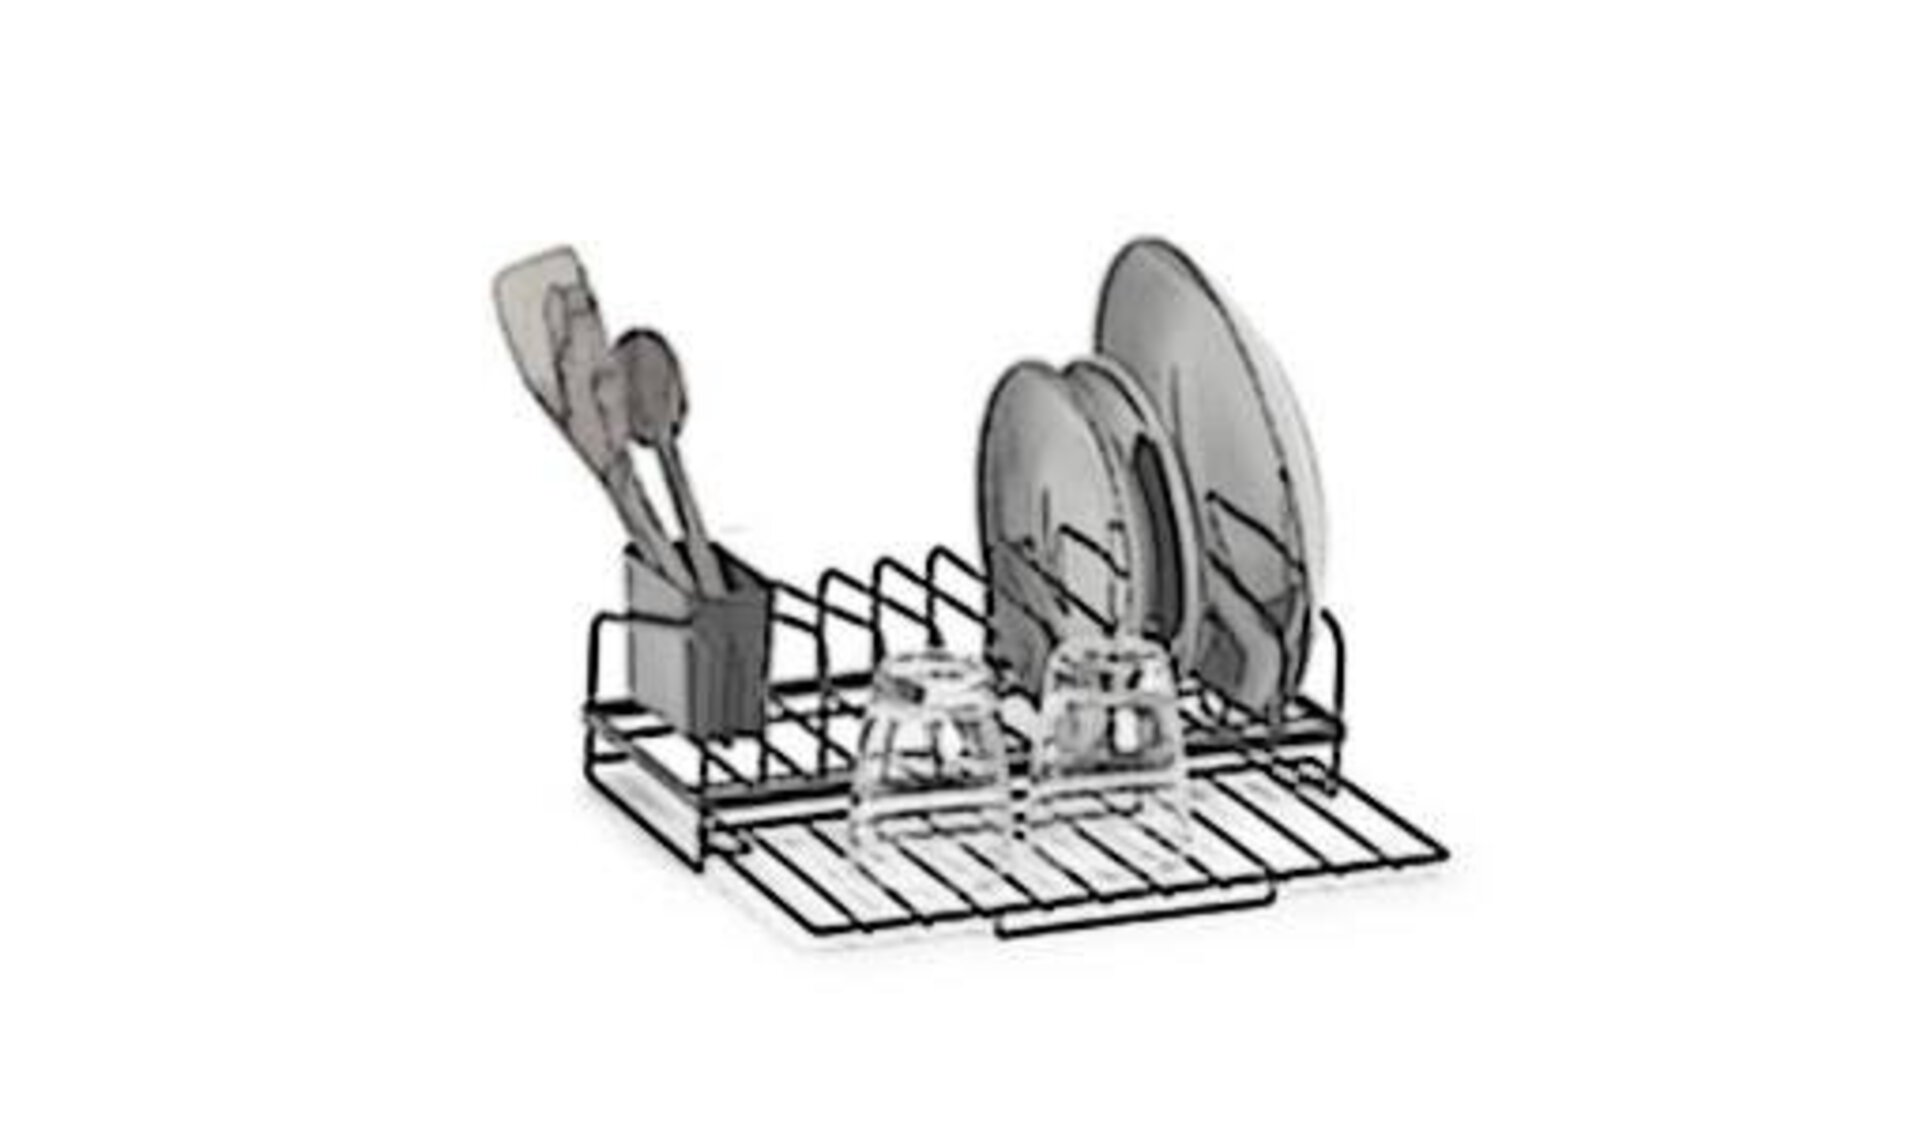 Geschirrablage aus rostfreiem Edelstahl als Sinnbild für alle Geschirrablagen innerhalb der Kategorie. Dazu gehören auch Besteckkästen für Schubladen.